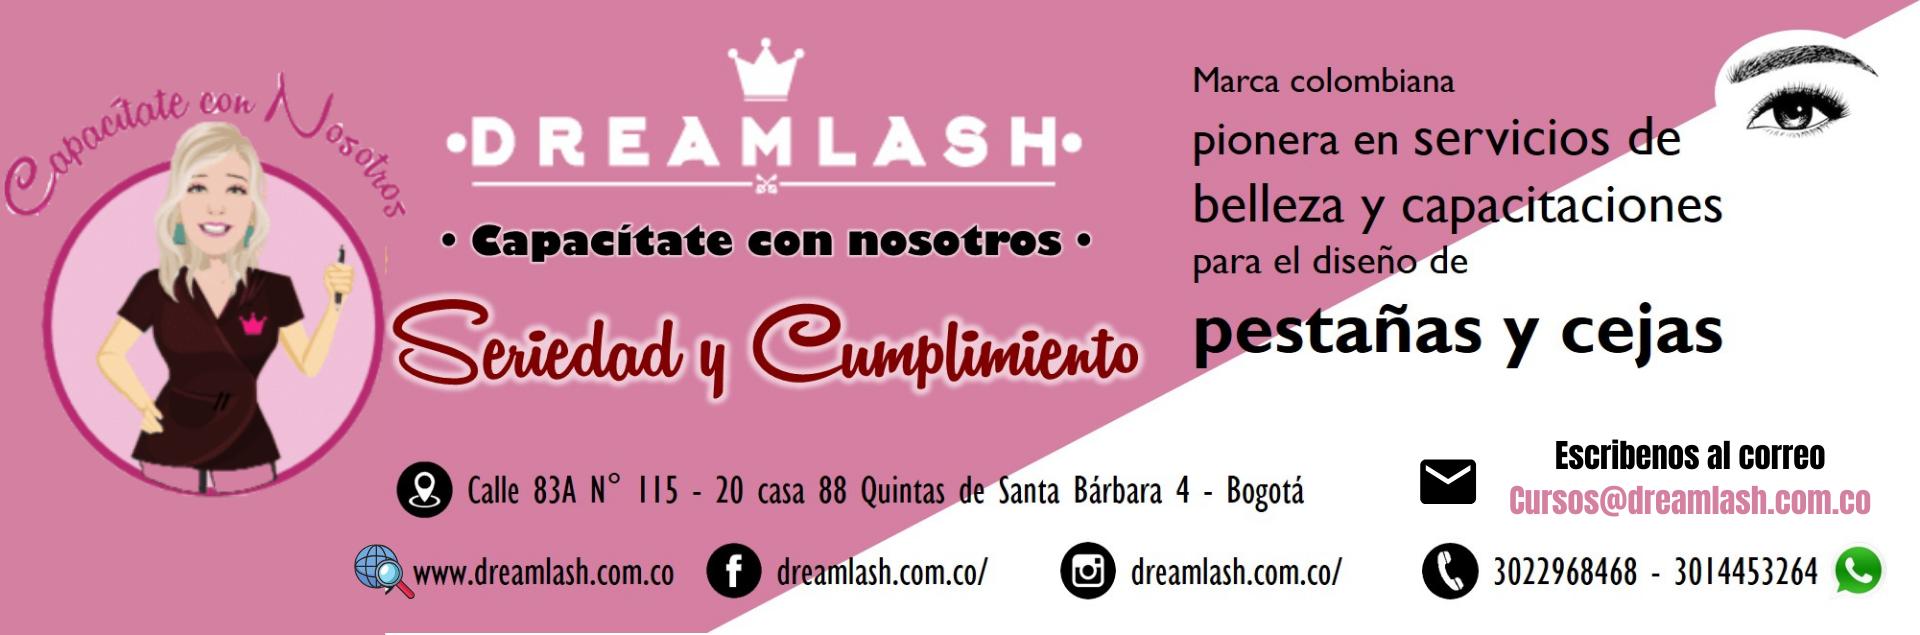 Cursos@dreamlash.com_.co_